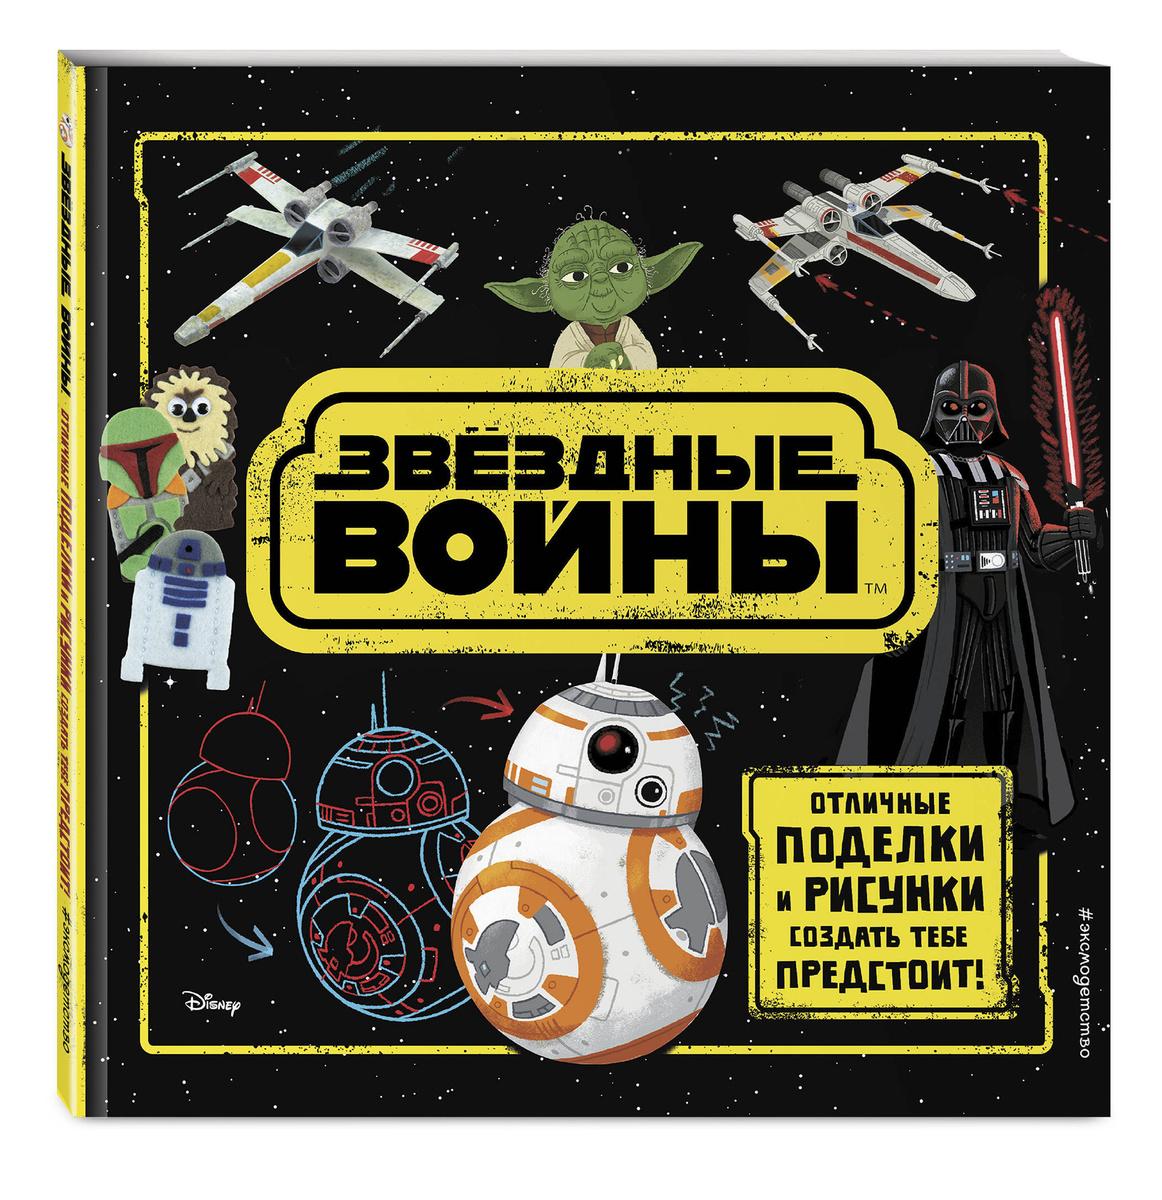 Звёздные Войны. Отличные поделки и рисунки создать тебе предстоит! (+ наклейки)   Нет автора  #1